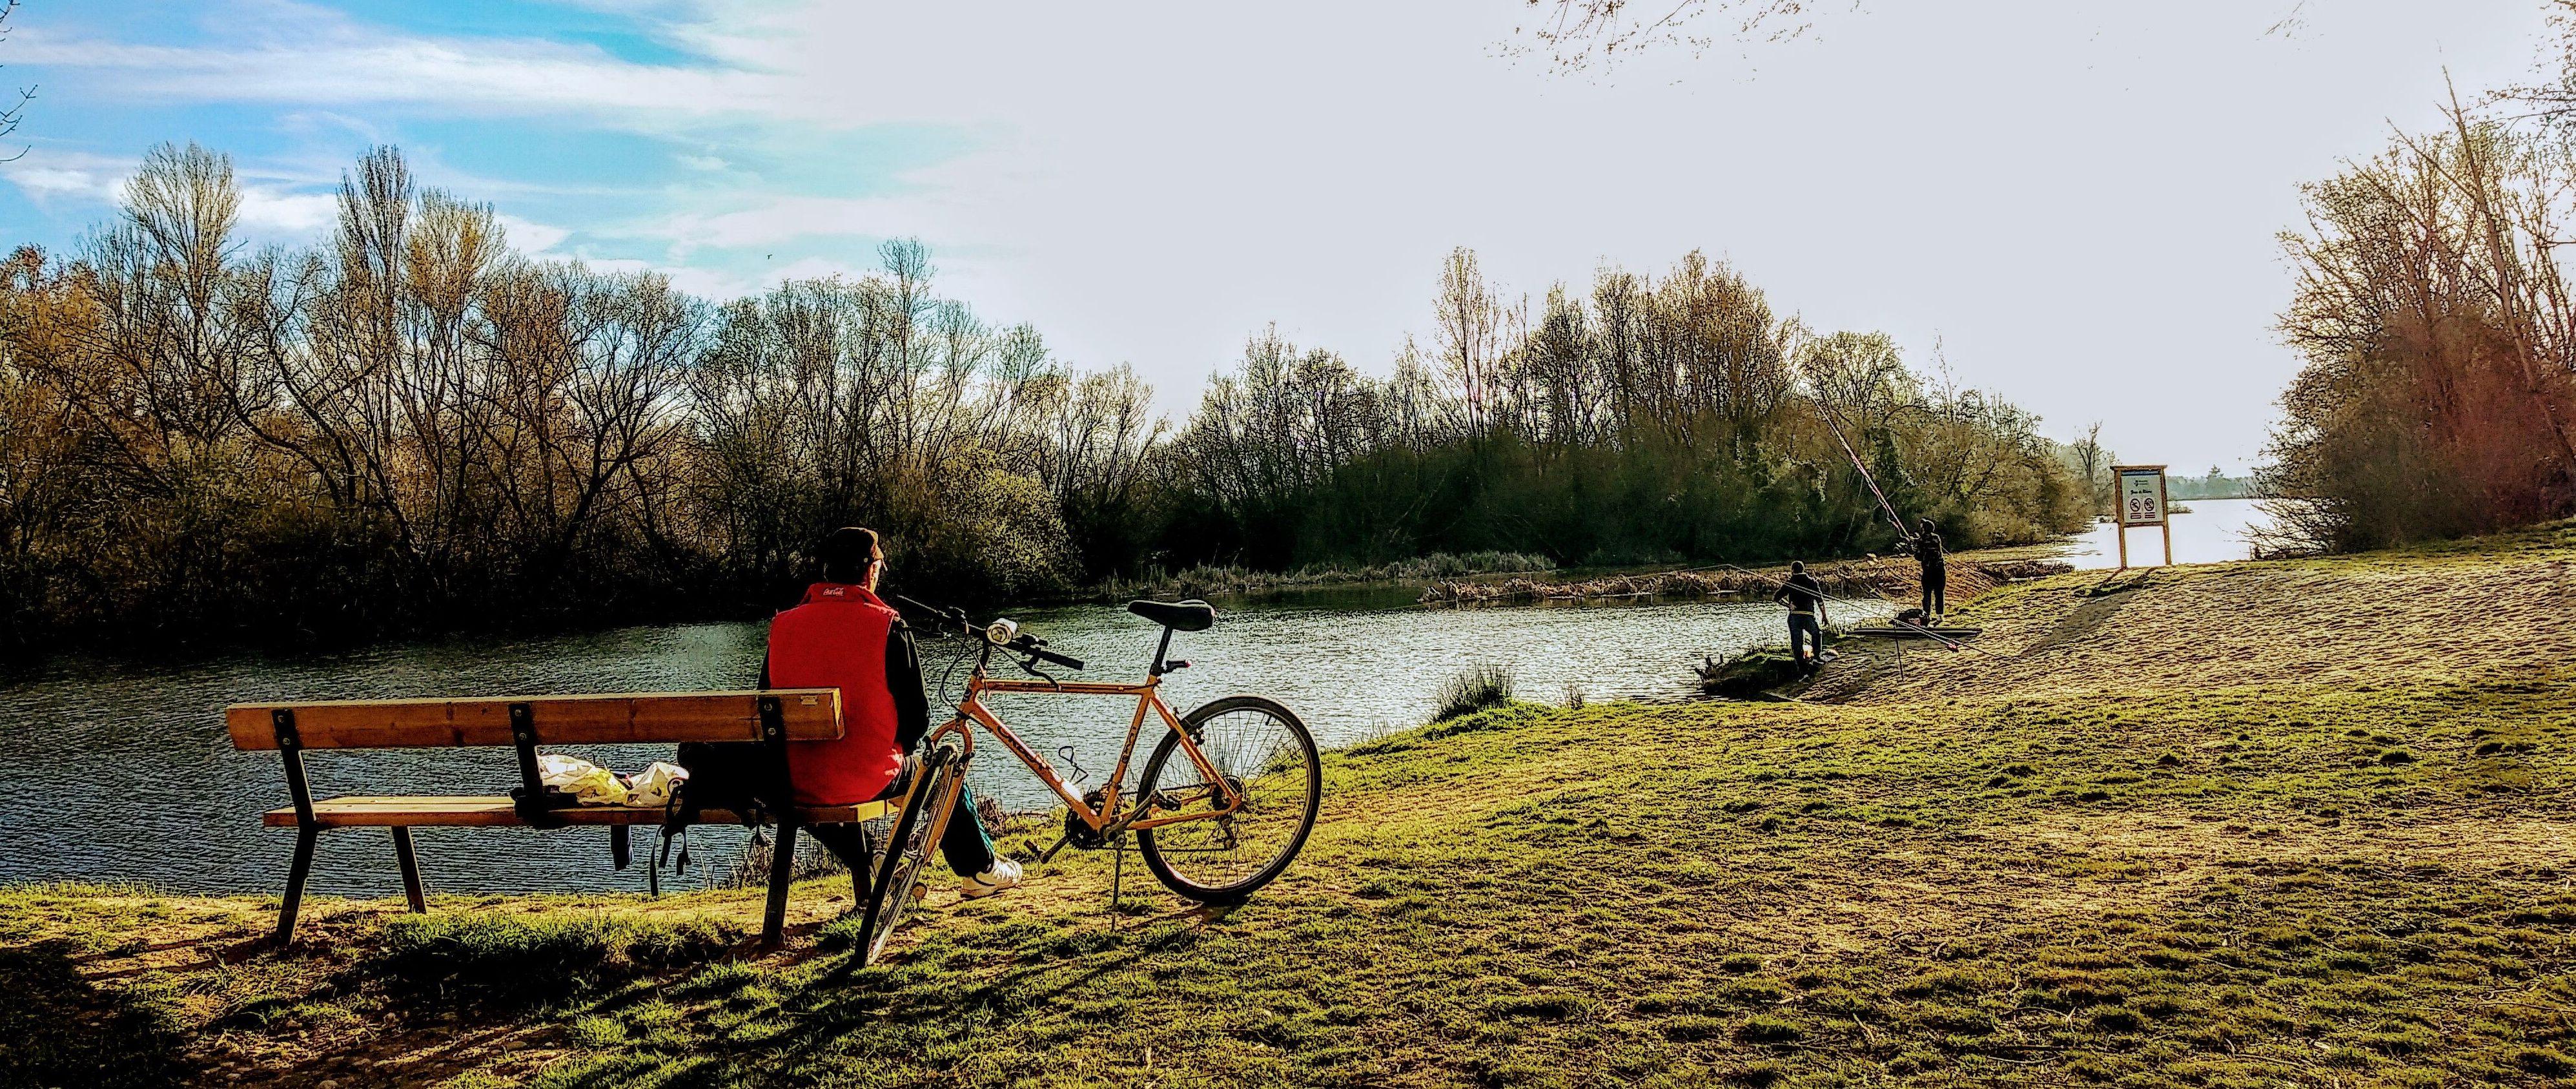 Foto 14 de Camping en Cabrerizos | Camping Don Quijote